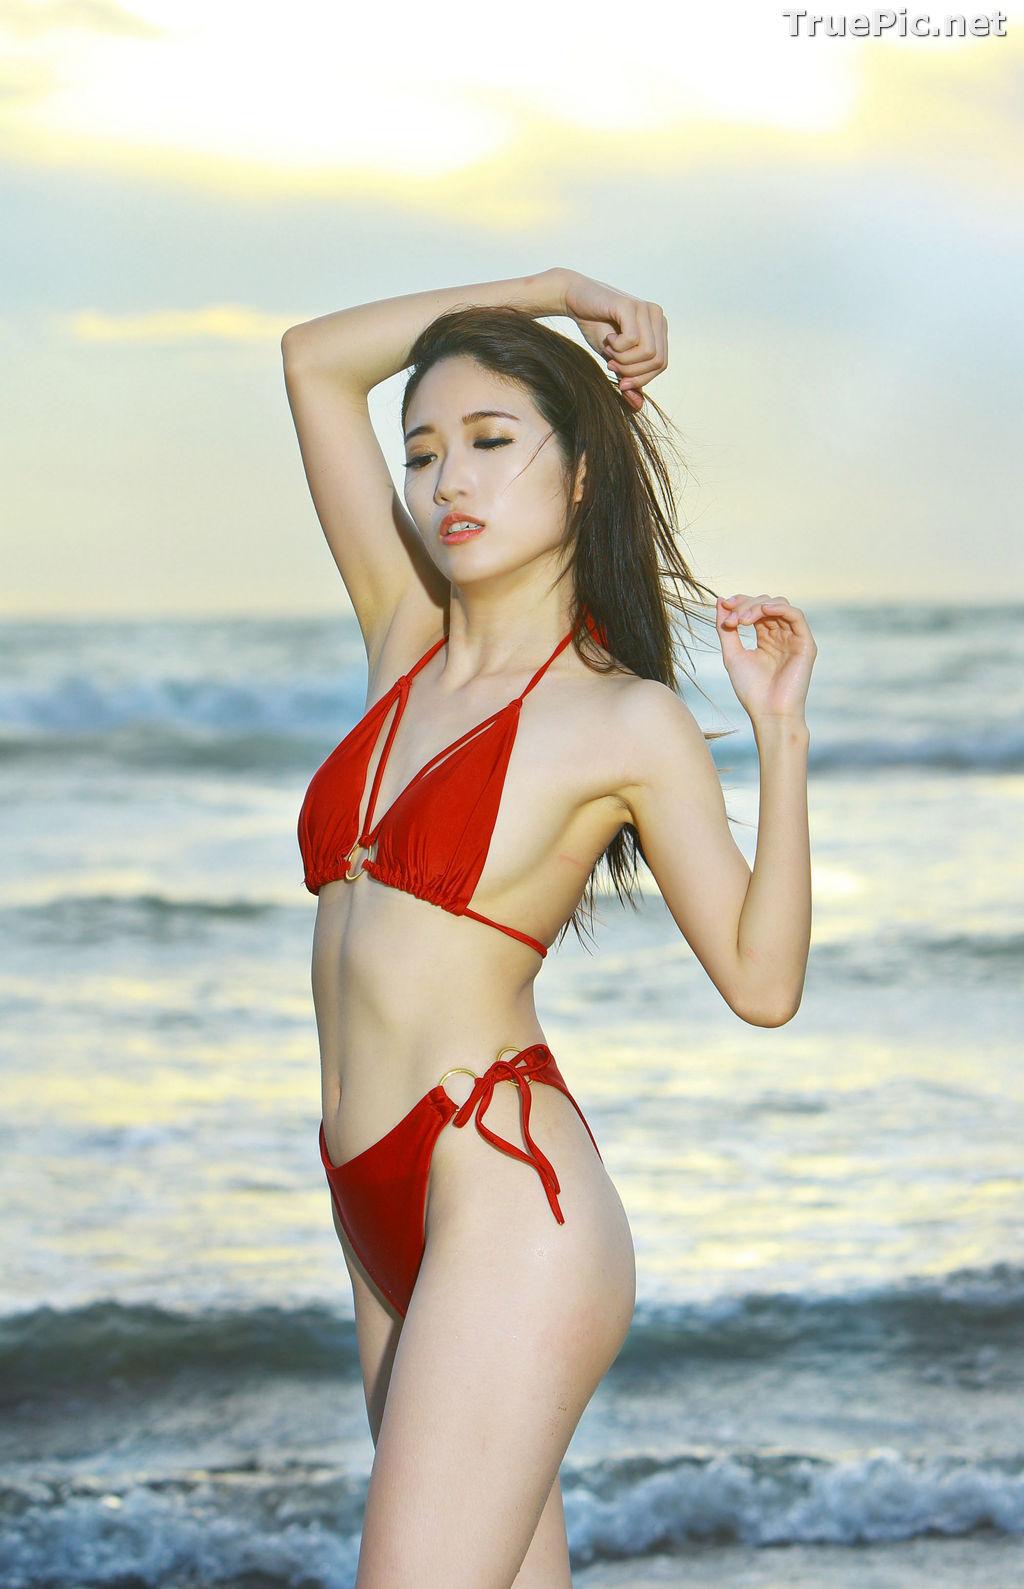 Image Taiwanese Model - Kuma - Beautiful Sexy Bikini Girl Under Sunset - TruePic.net - Picture-10